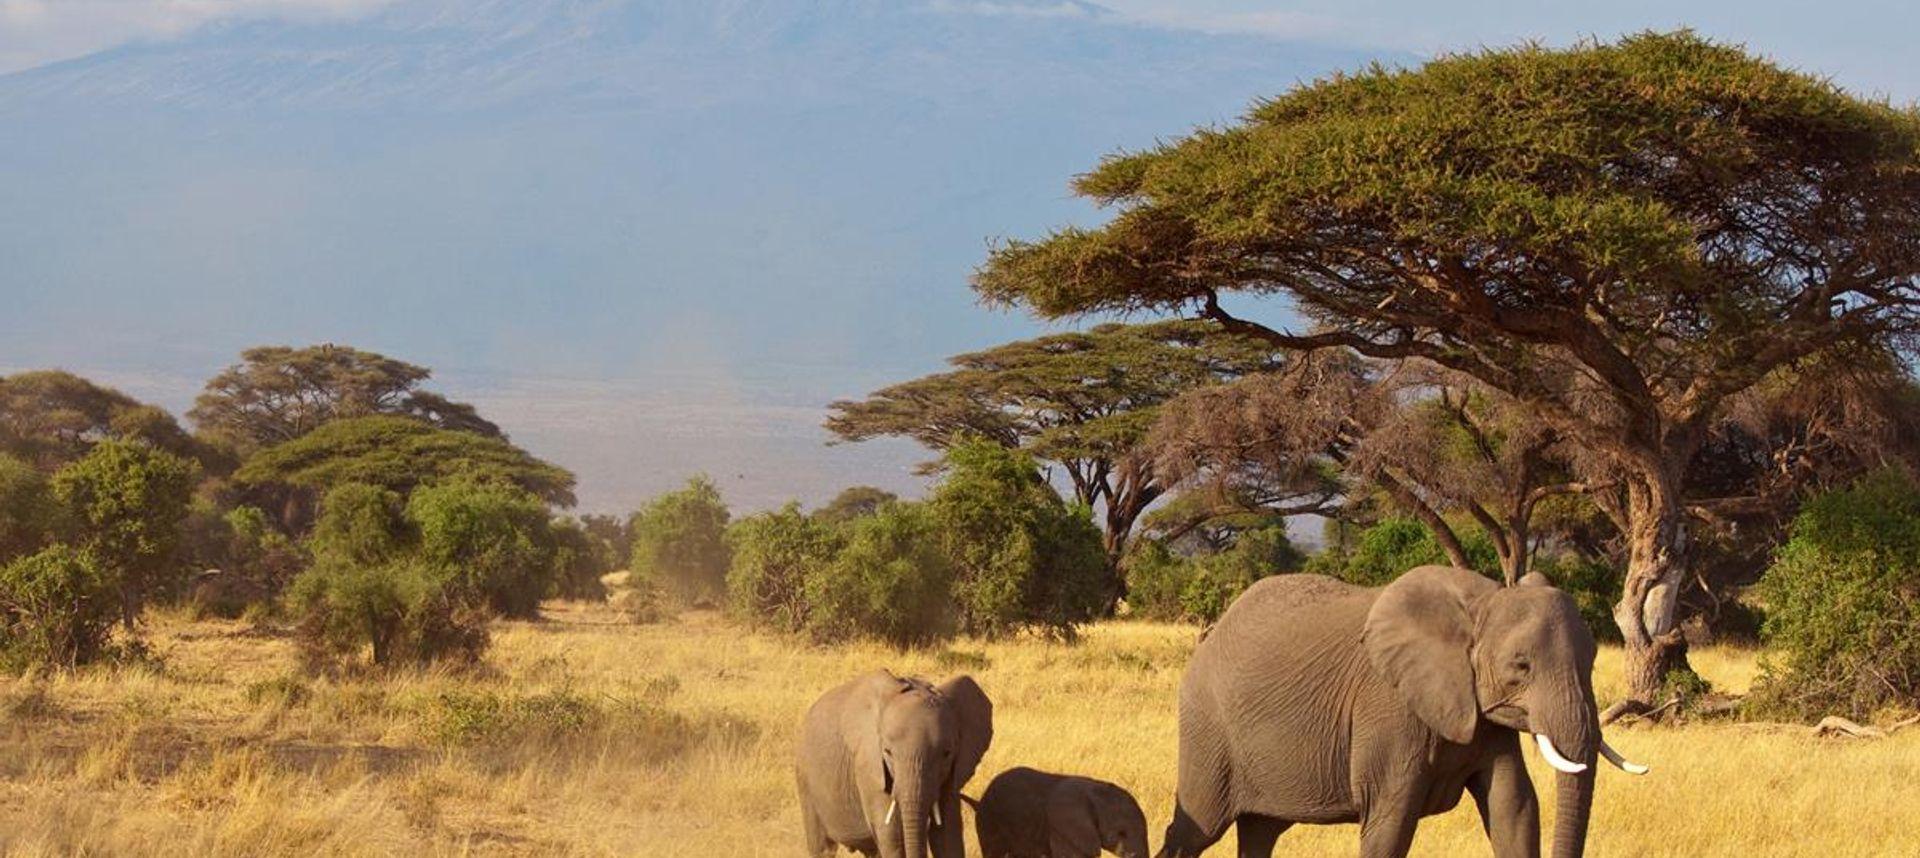 Lions in Tanzania (Saadani Safaris)